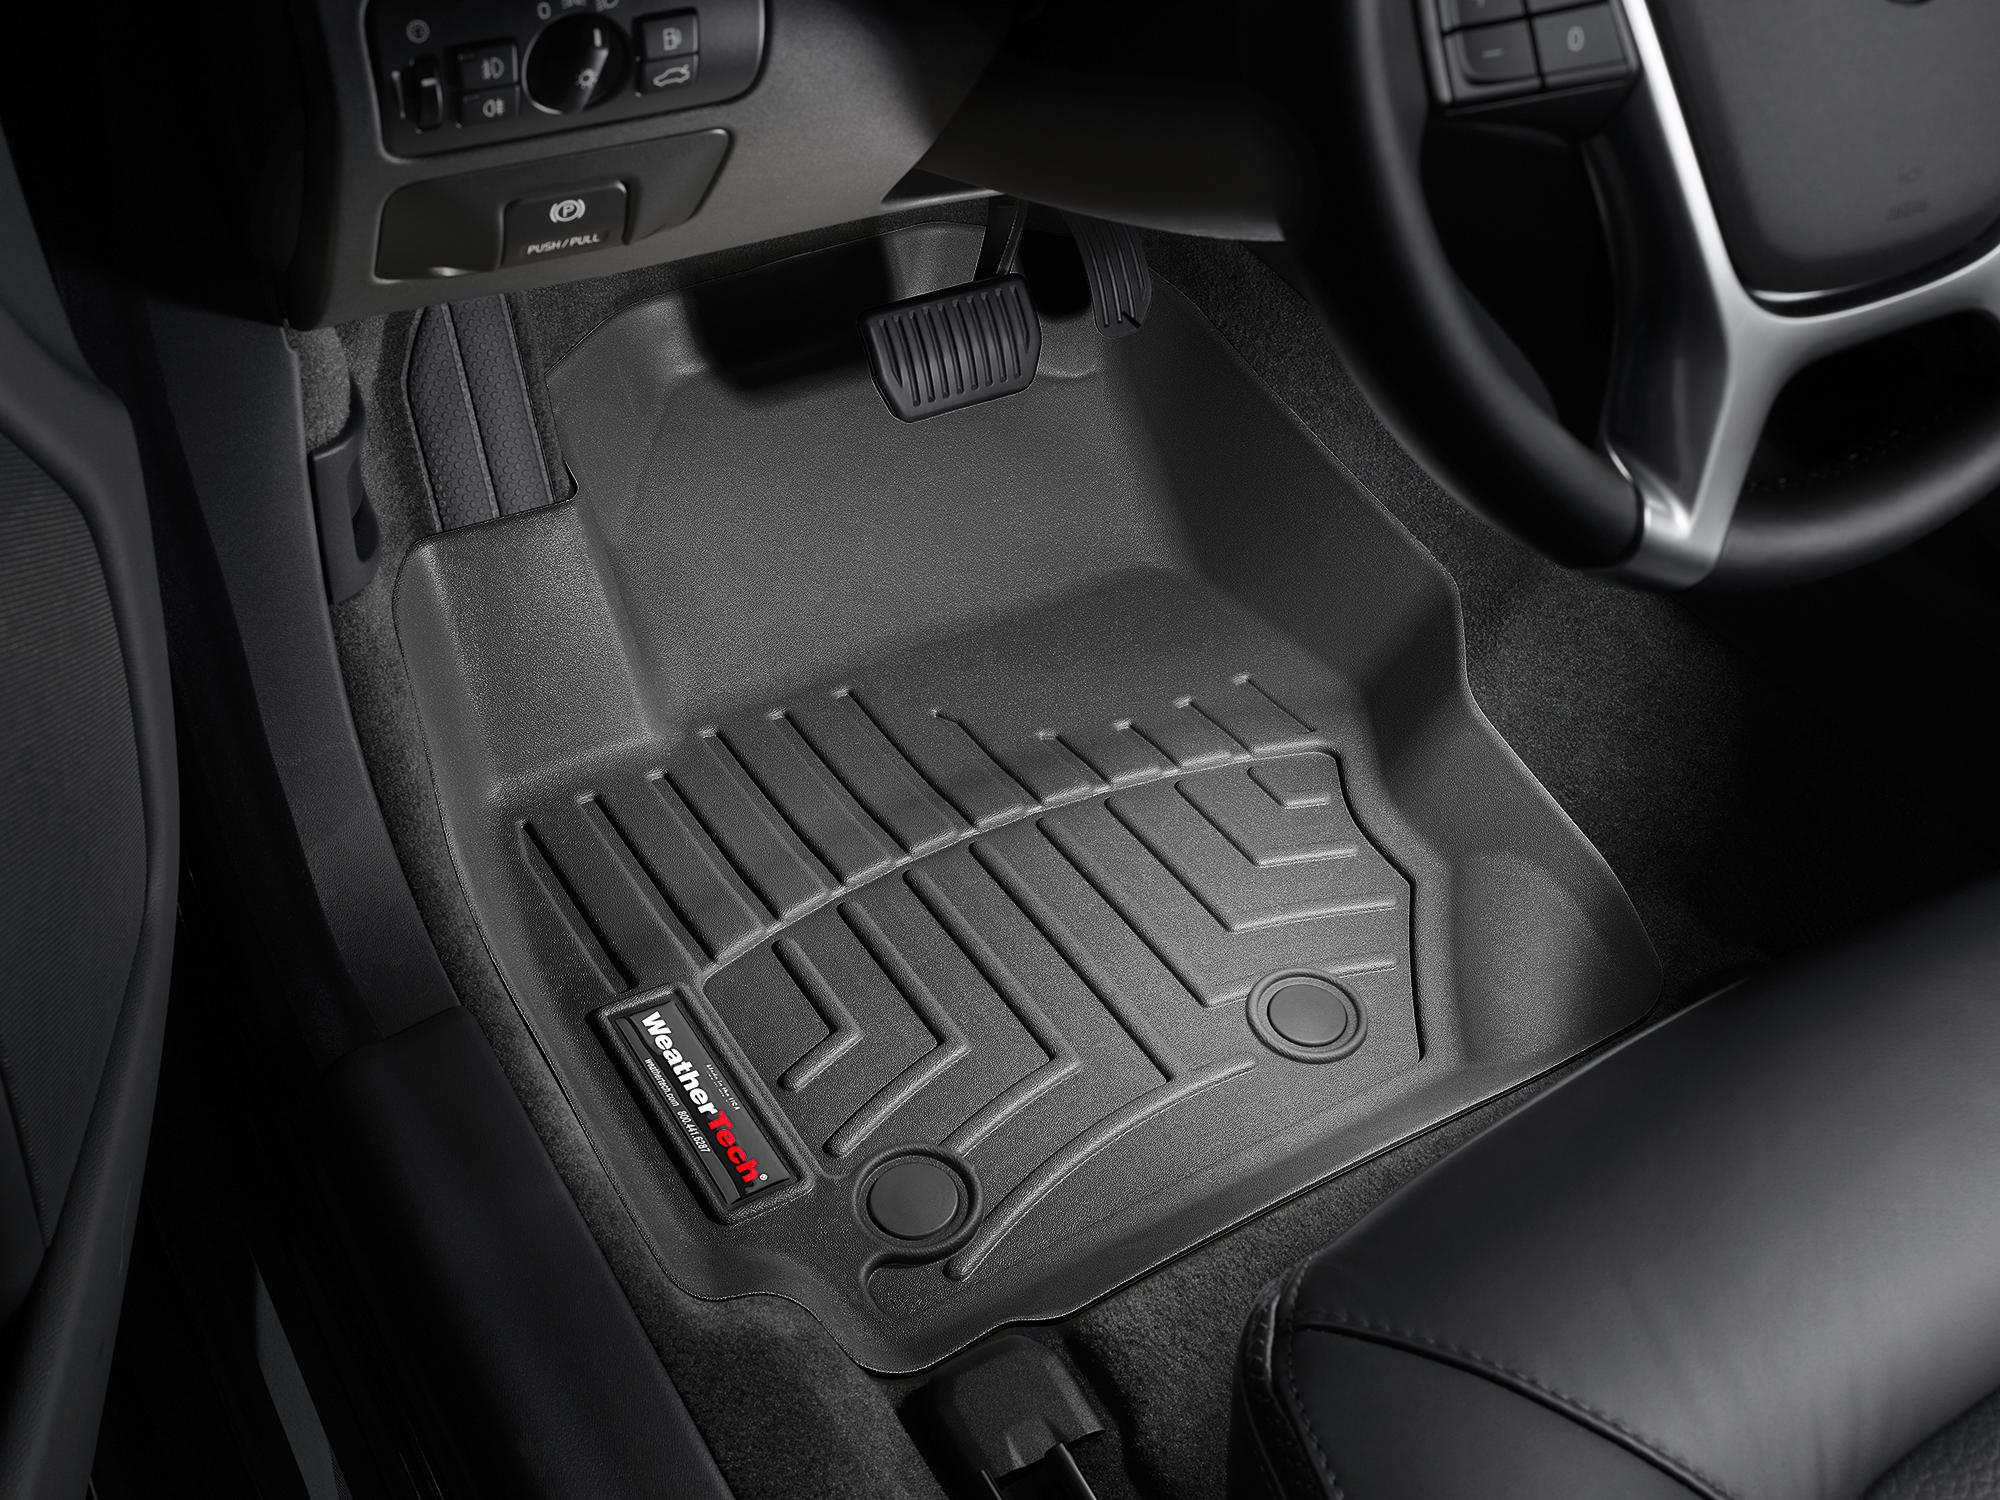 Tappeti gomma su misura bordo alto Volvo V70 07>07 Nero A4410*